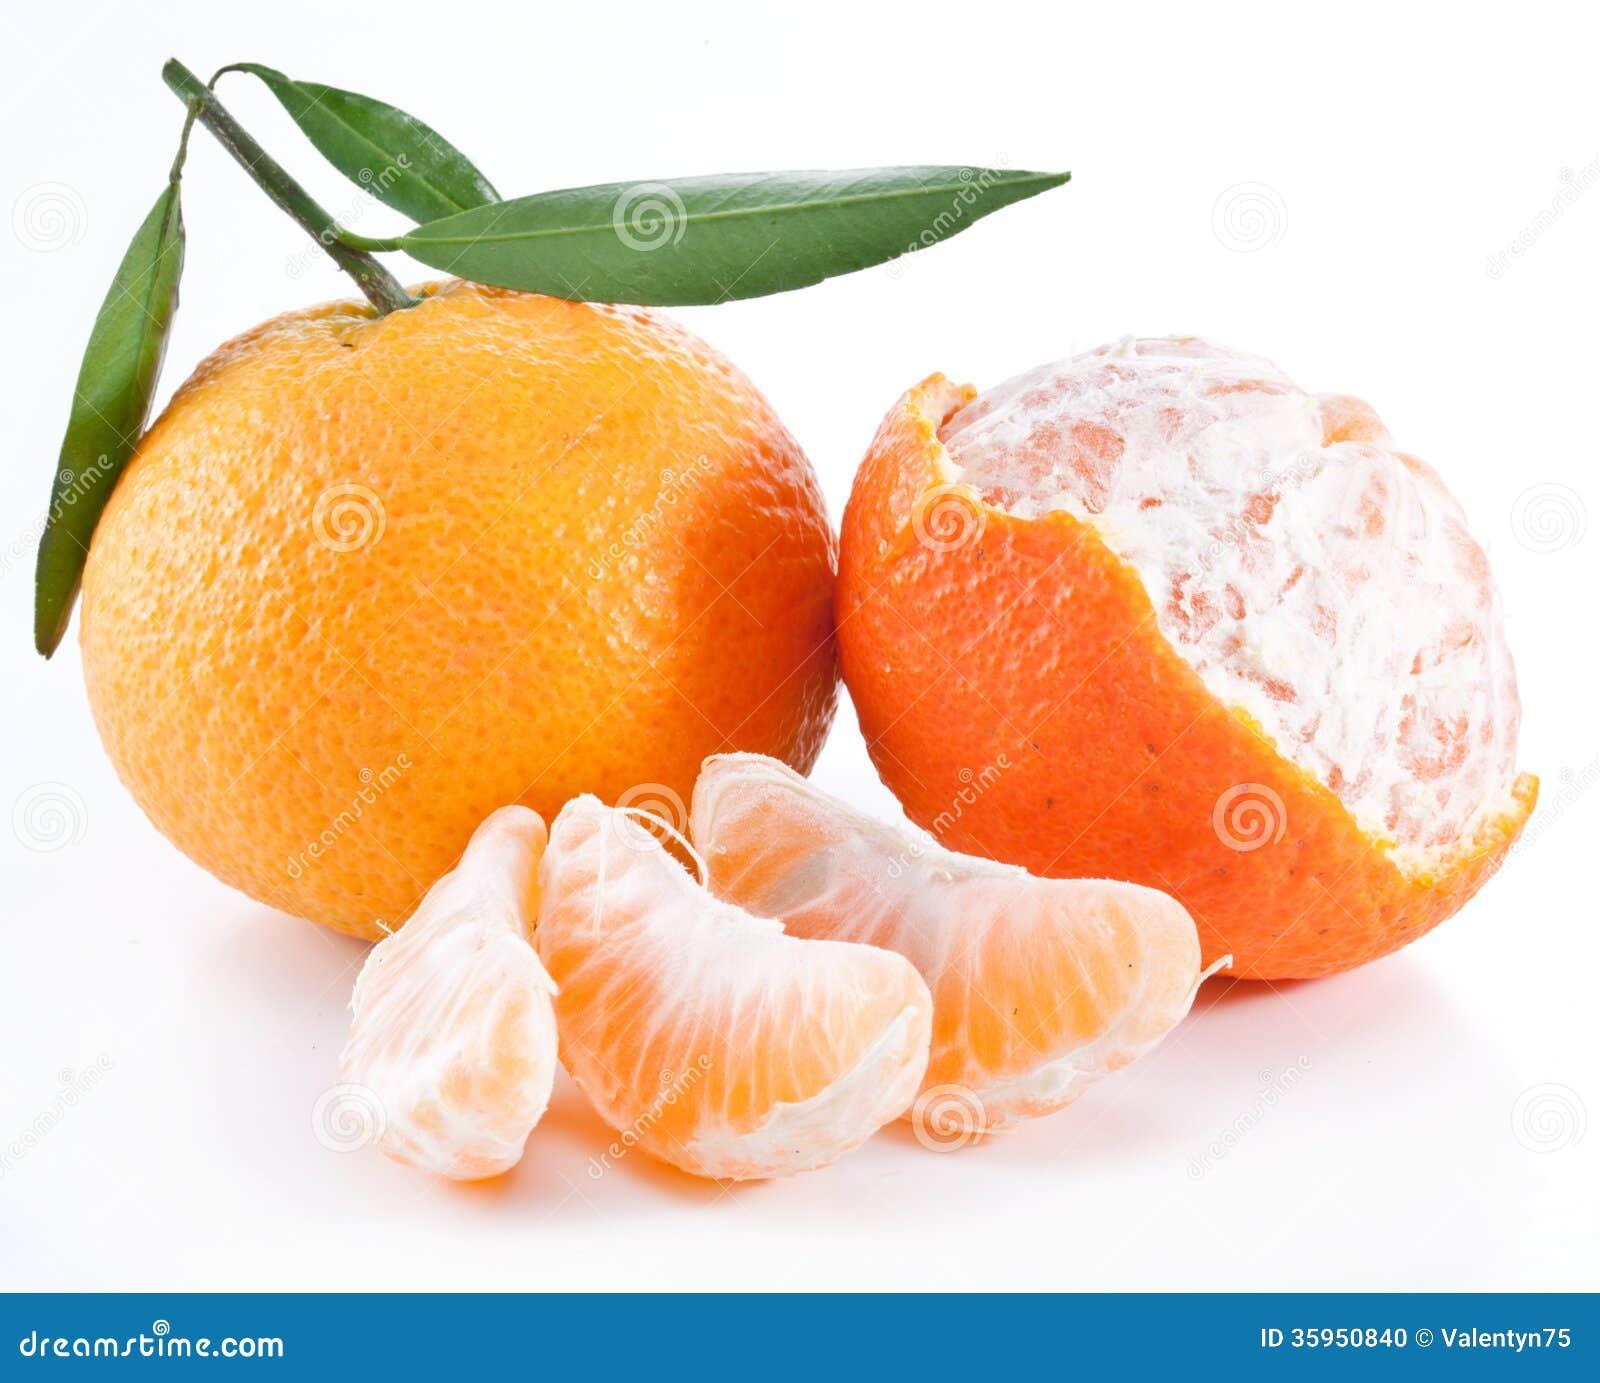 Mandarinas con las hojas.